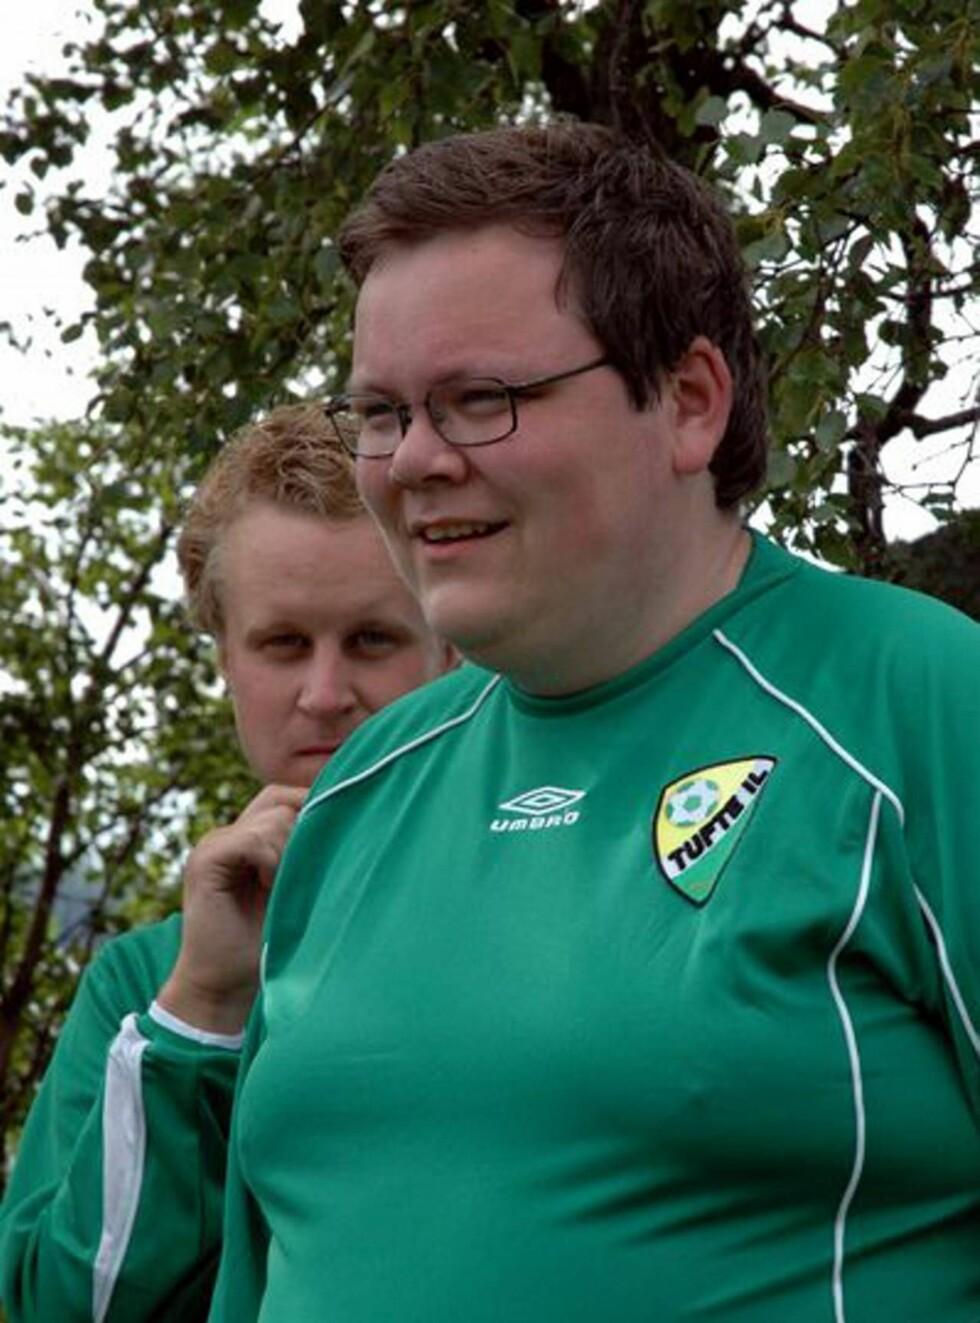 """<strong>POPULÆR:</strong> Lars Olav Karlsen ble en av de mest populære profilene da """"Heia Tufte""""-serien rullet over TV-skjermene. Nå er han klar for en ny sesong. Foto: Håvard Østhus"""